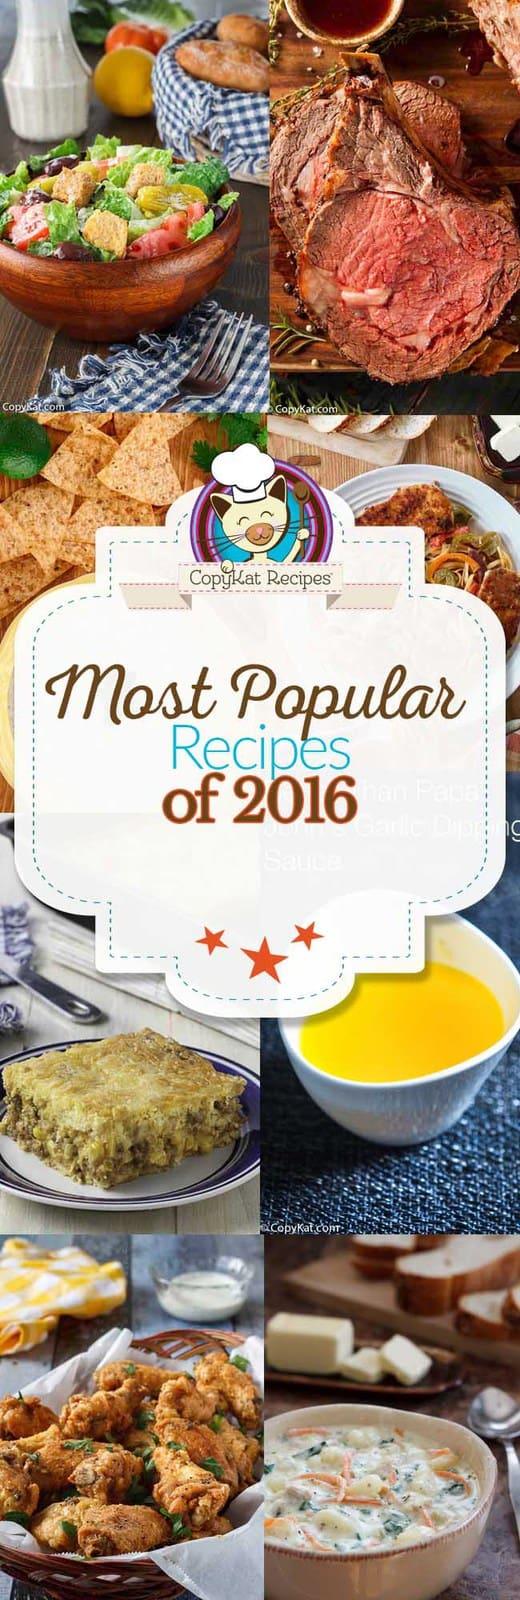 Most popular CopyKat Recipes of 2016.